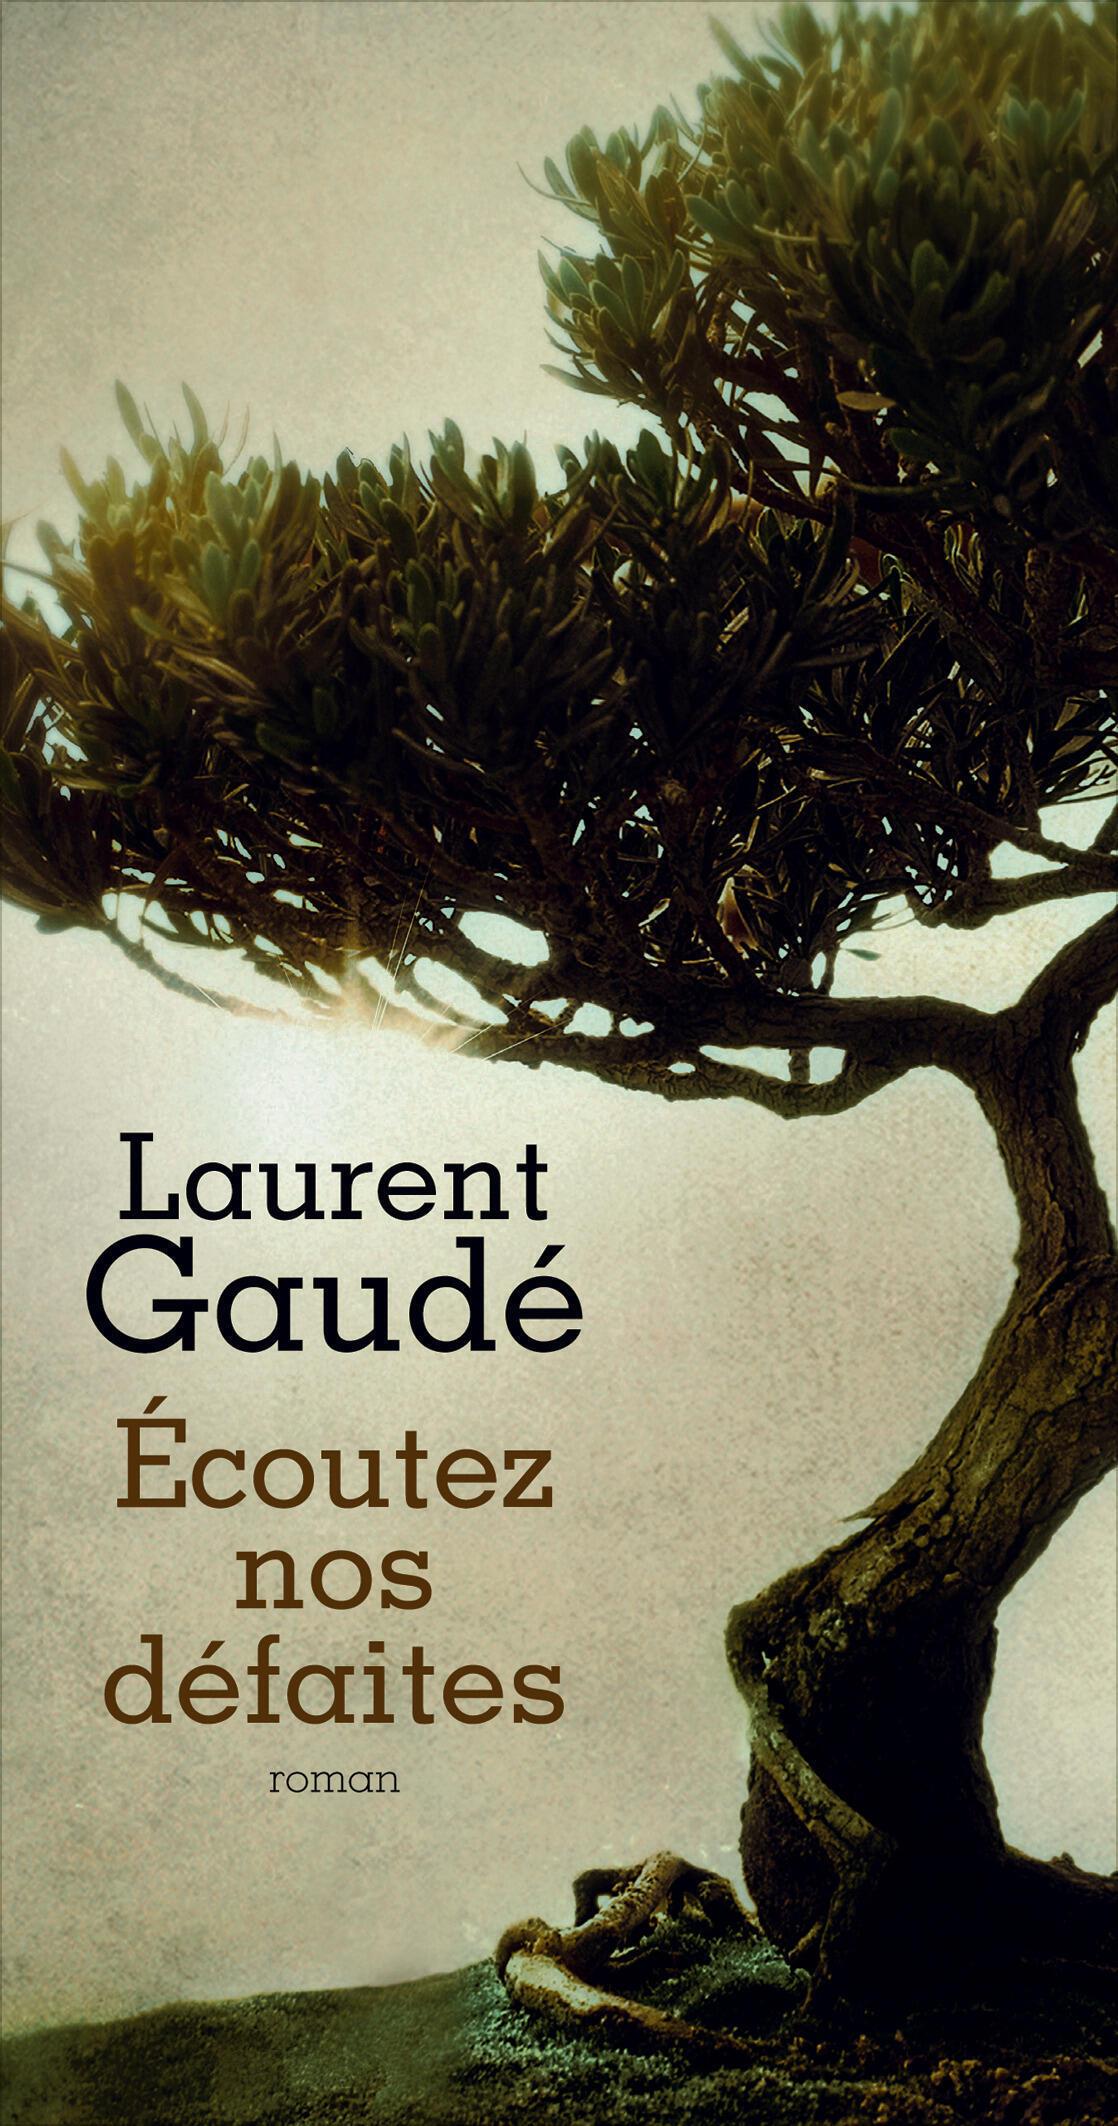 «Ecoutez nos défaites» de Laurent Gaudé aux éditions Actes sud.